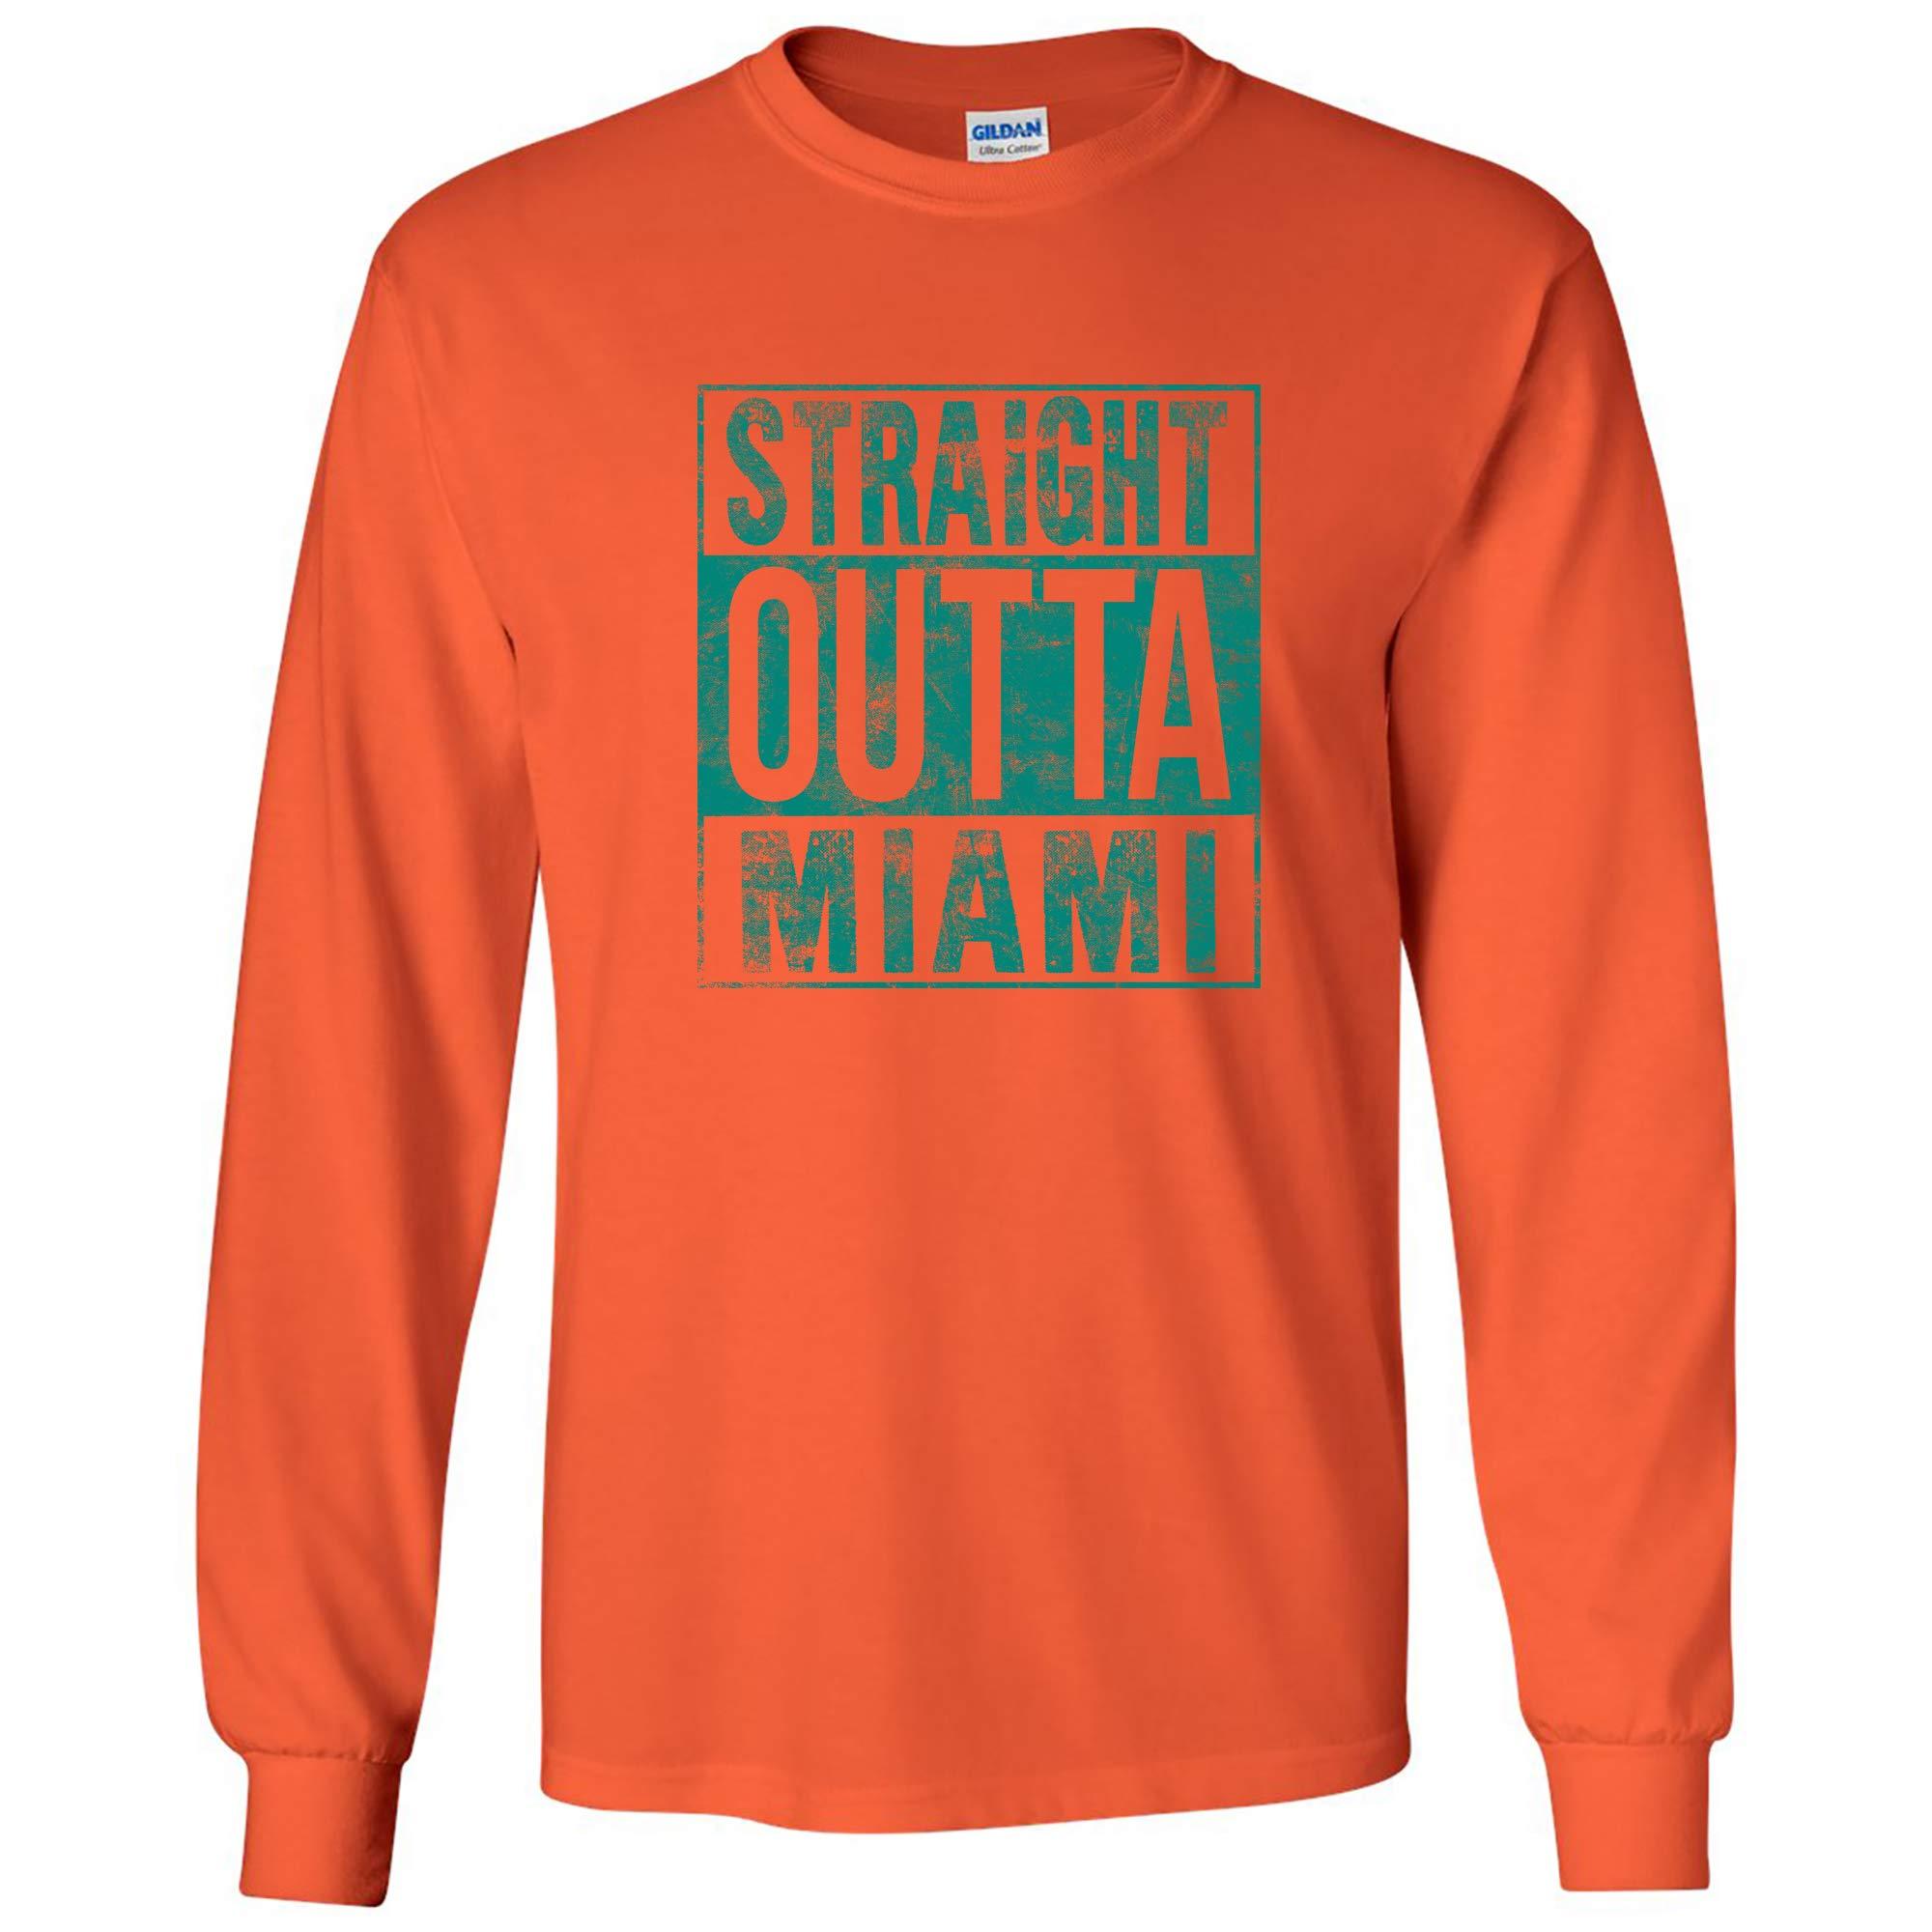 UGP Campus Apparel mens Long Sleeve Heavy Blend Sweatshirt